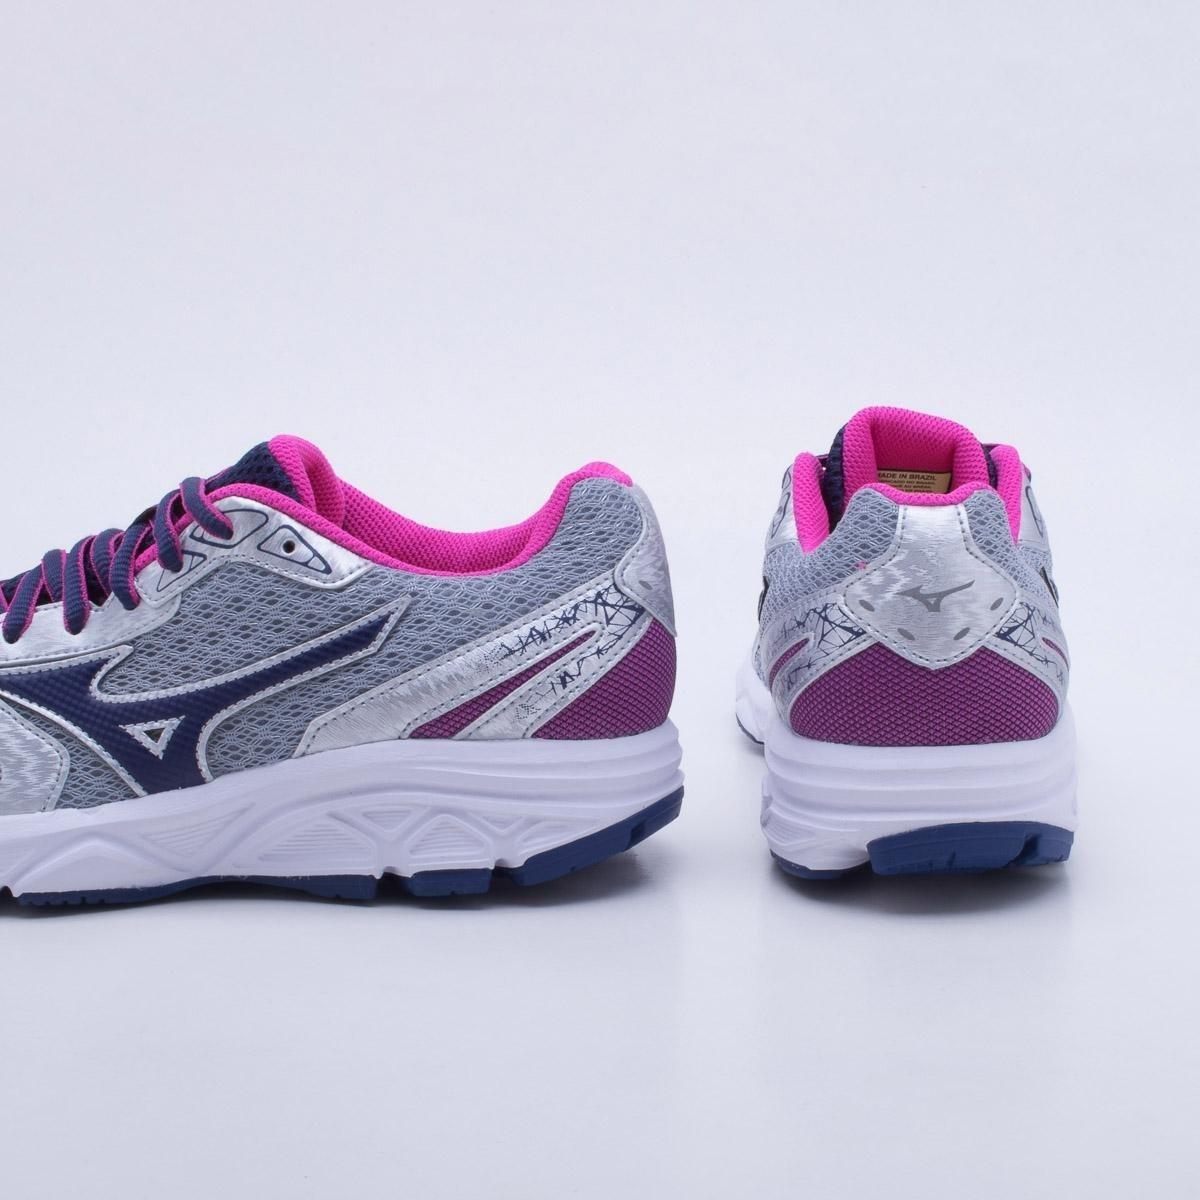 46dd8cbbc tênis mizuno jet 2 n feminino - prata e rosa promoção. Carregando zoom.